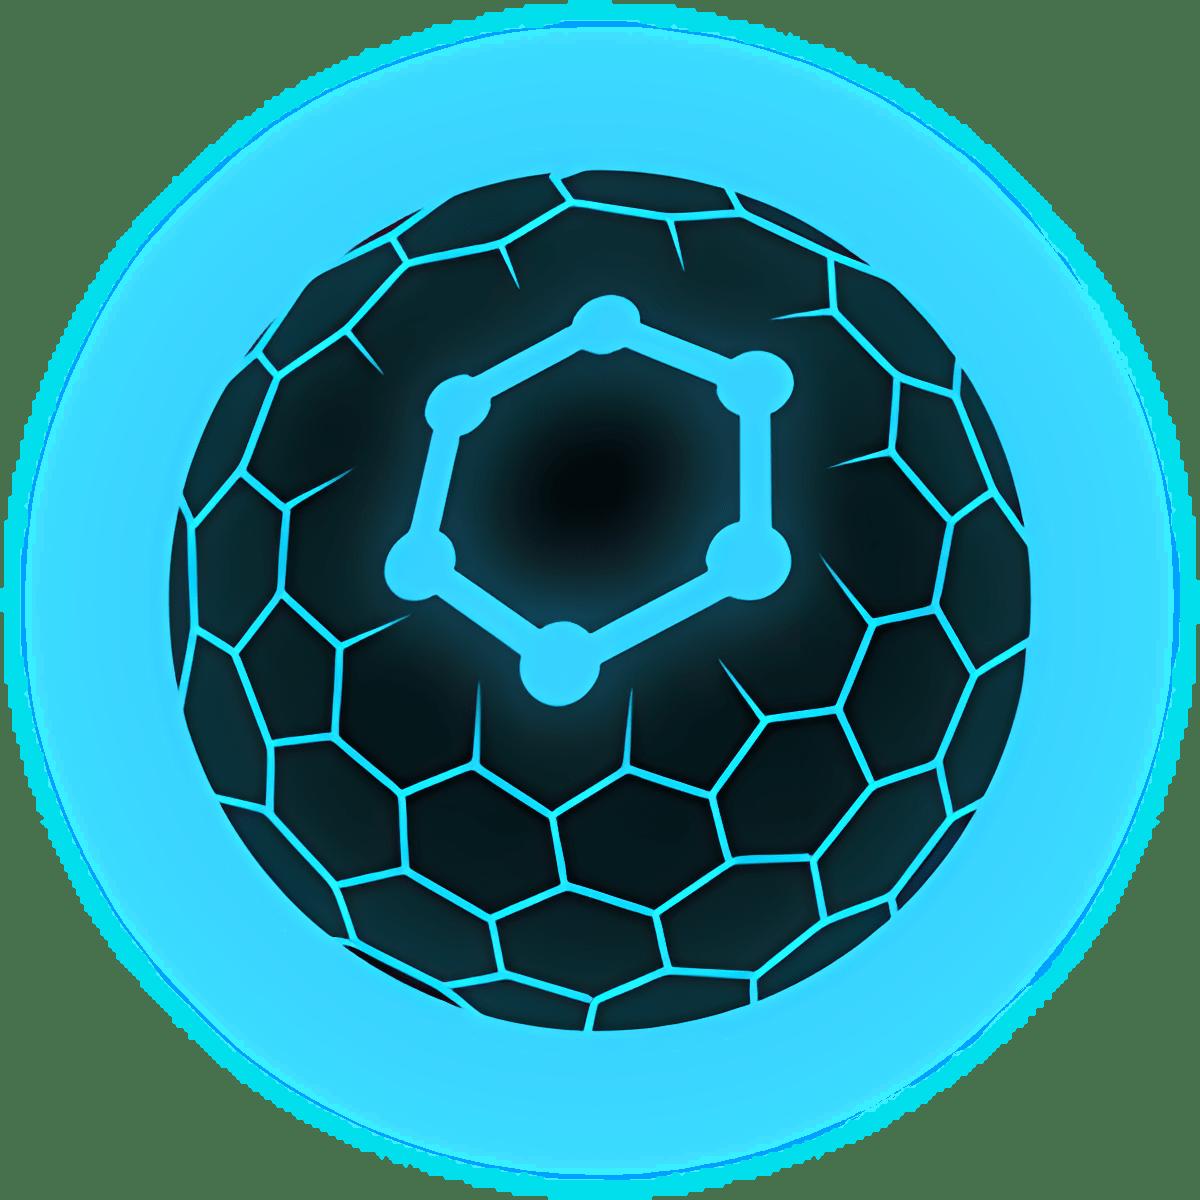 Darknet 1.9